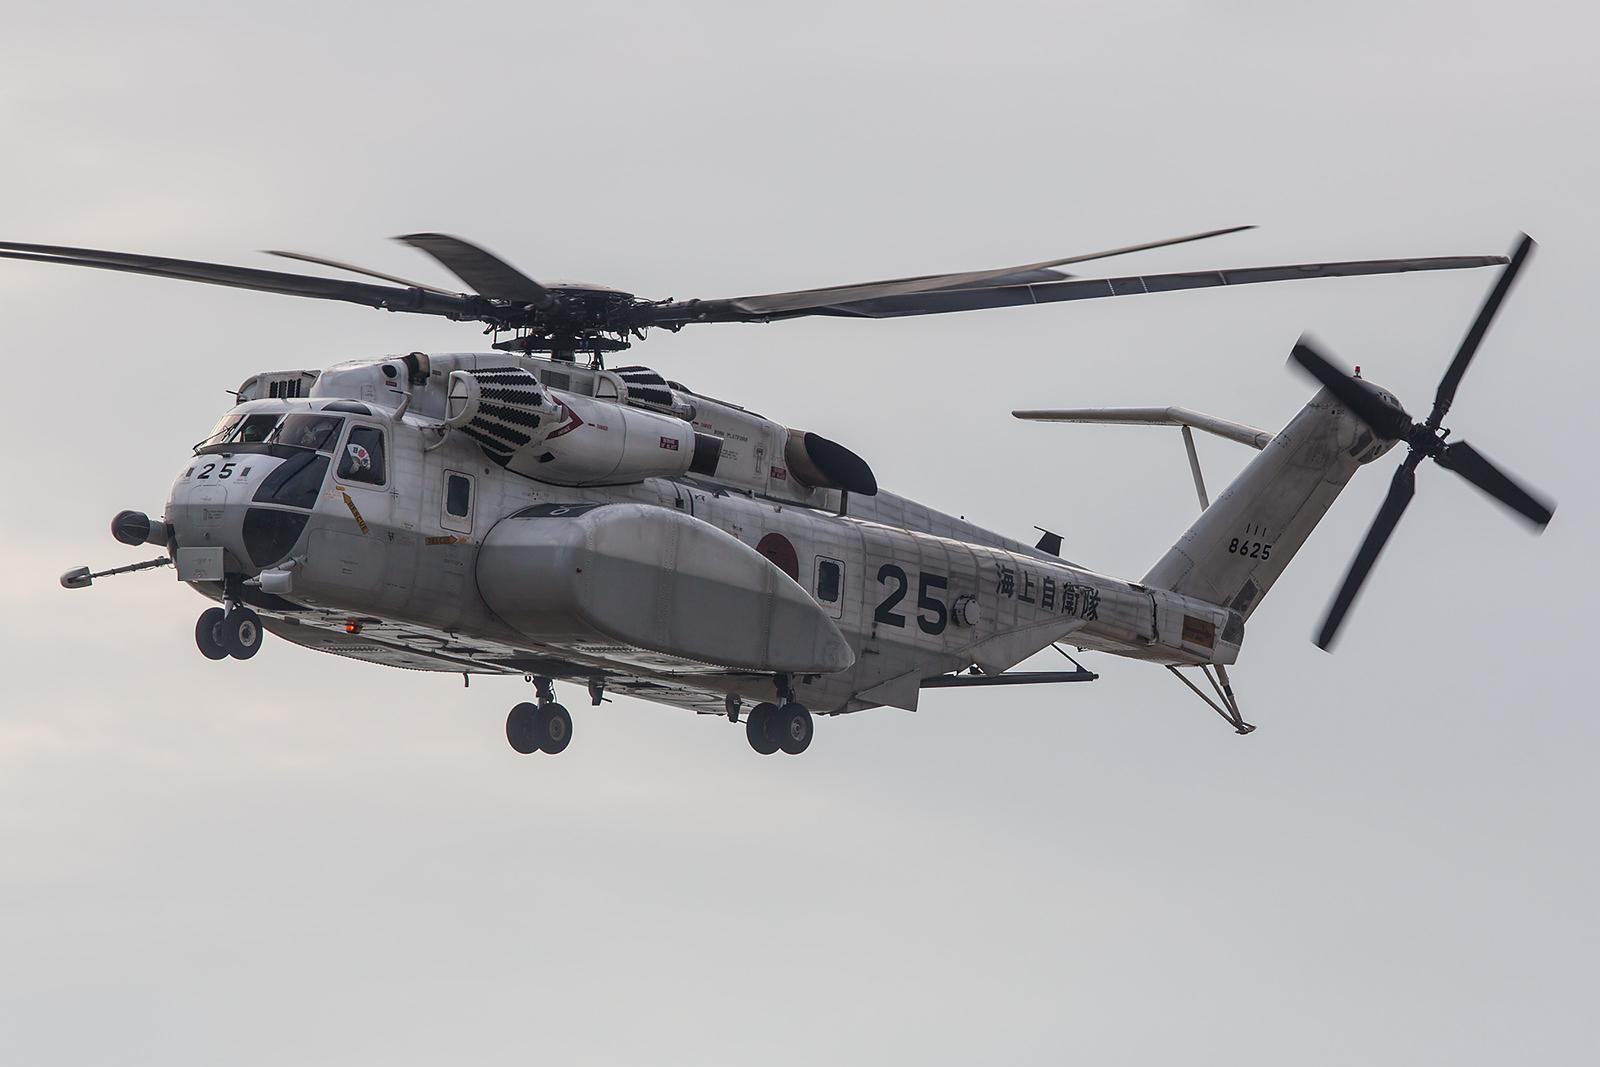 Sehr beeindruckend sind die MH-53E Sea Dragon.